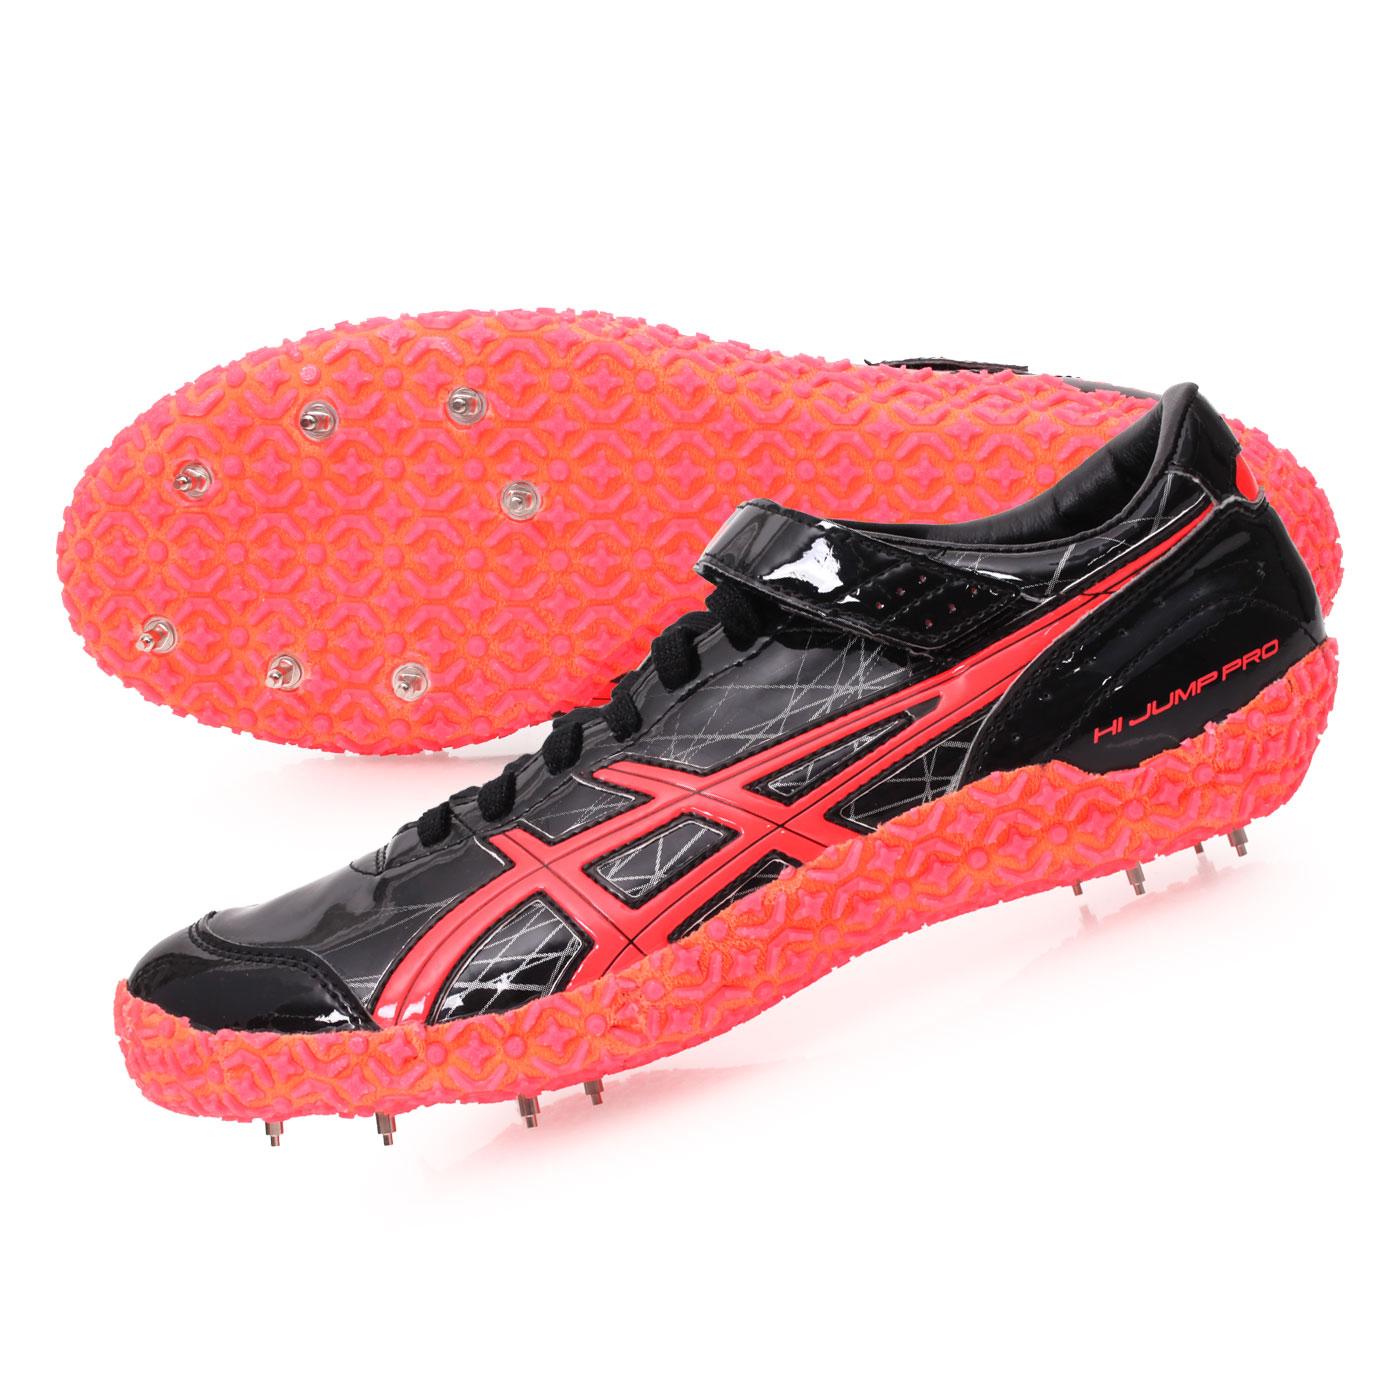 ASICS 日製田徑釘鞋  @HI JUMP PRO(L)@TFP352-9006